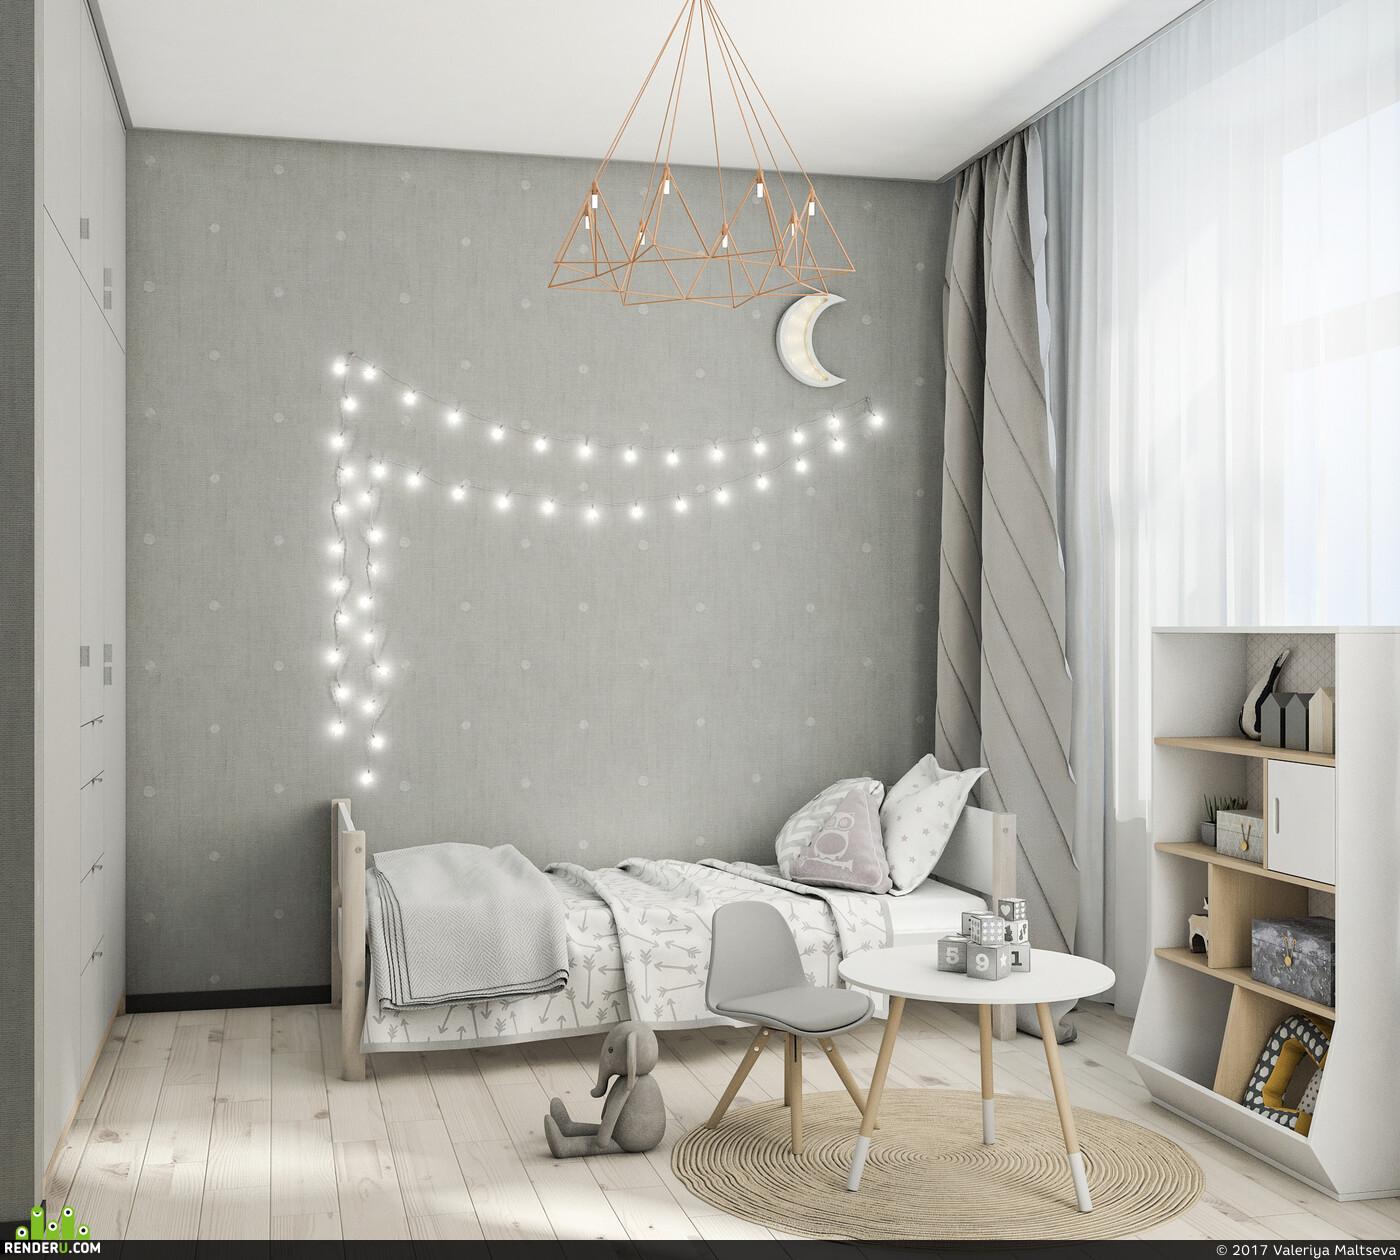 детская комната, дизайн интерьера, 3д визуализация, 3D Studio Max, дизайн детской